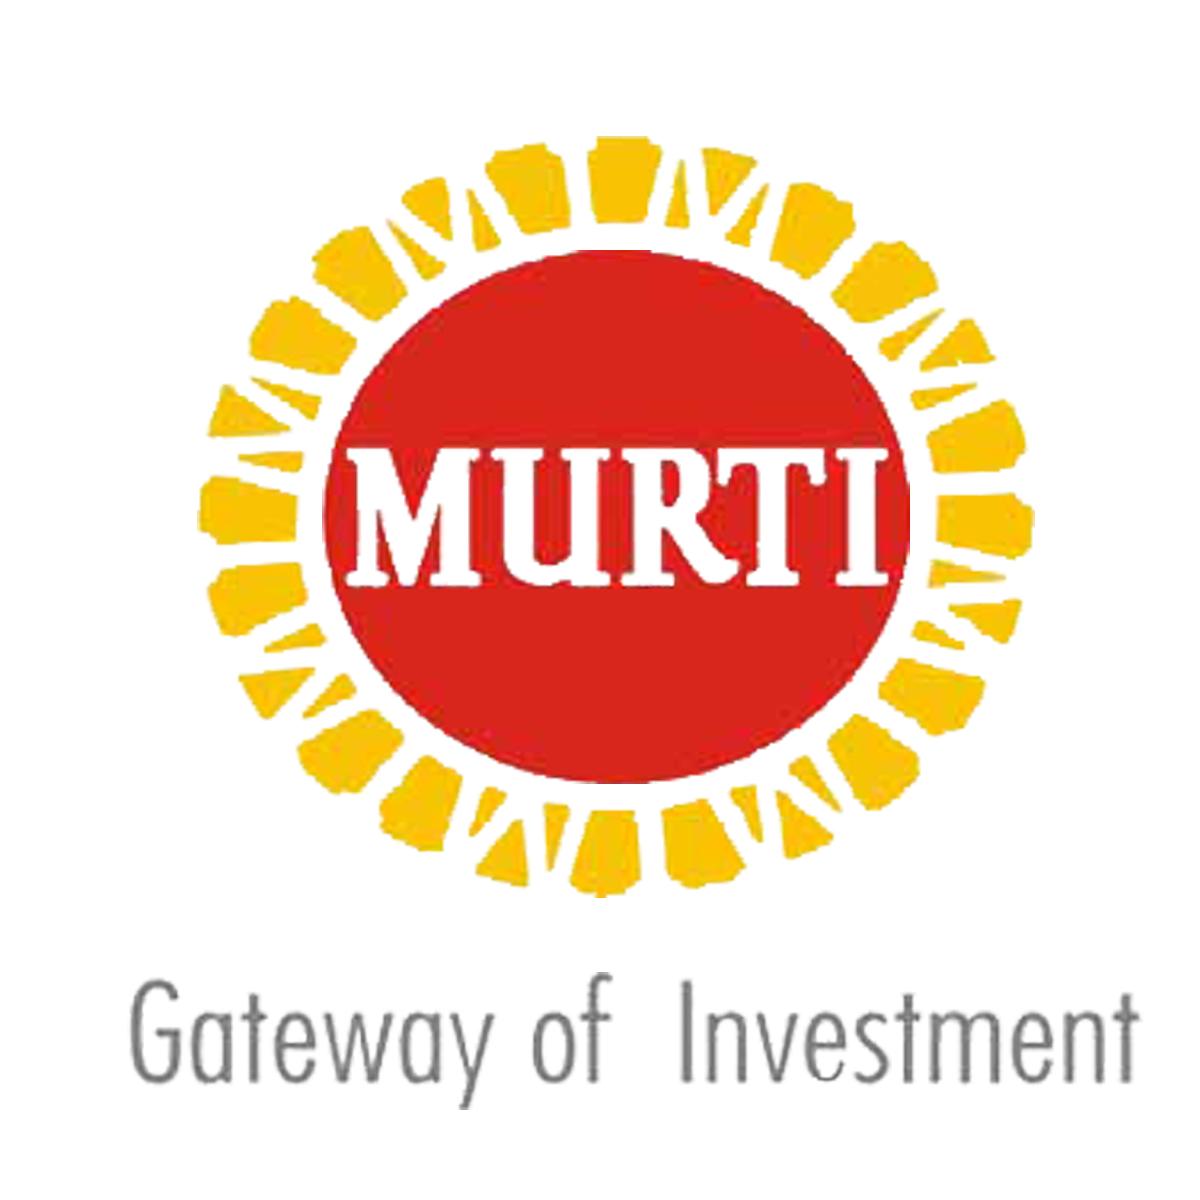 Murti Investment